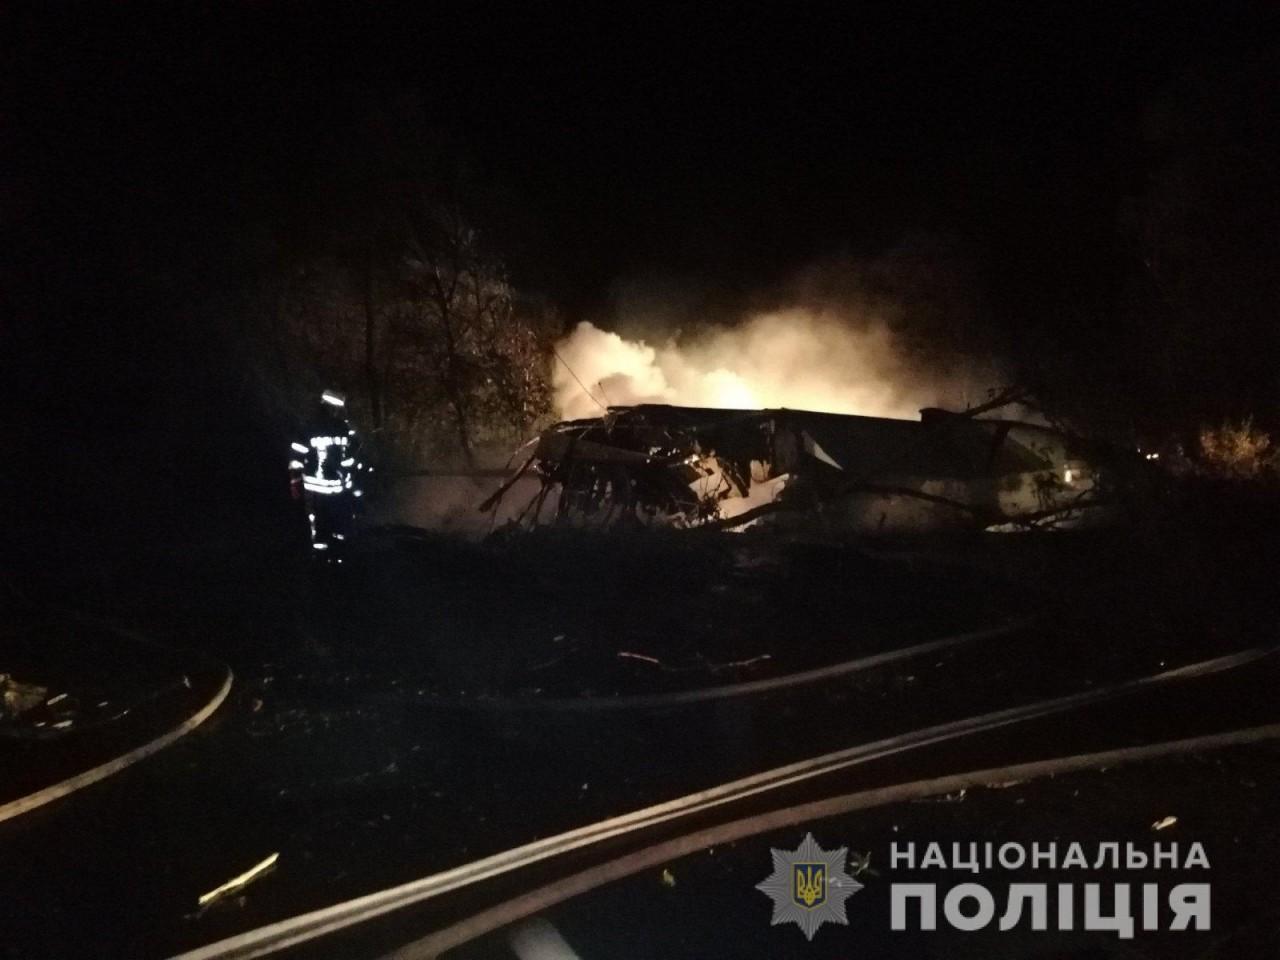 Падіння літака під Харковом: фото та відео з місця трагедії - фото 2